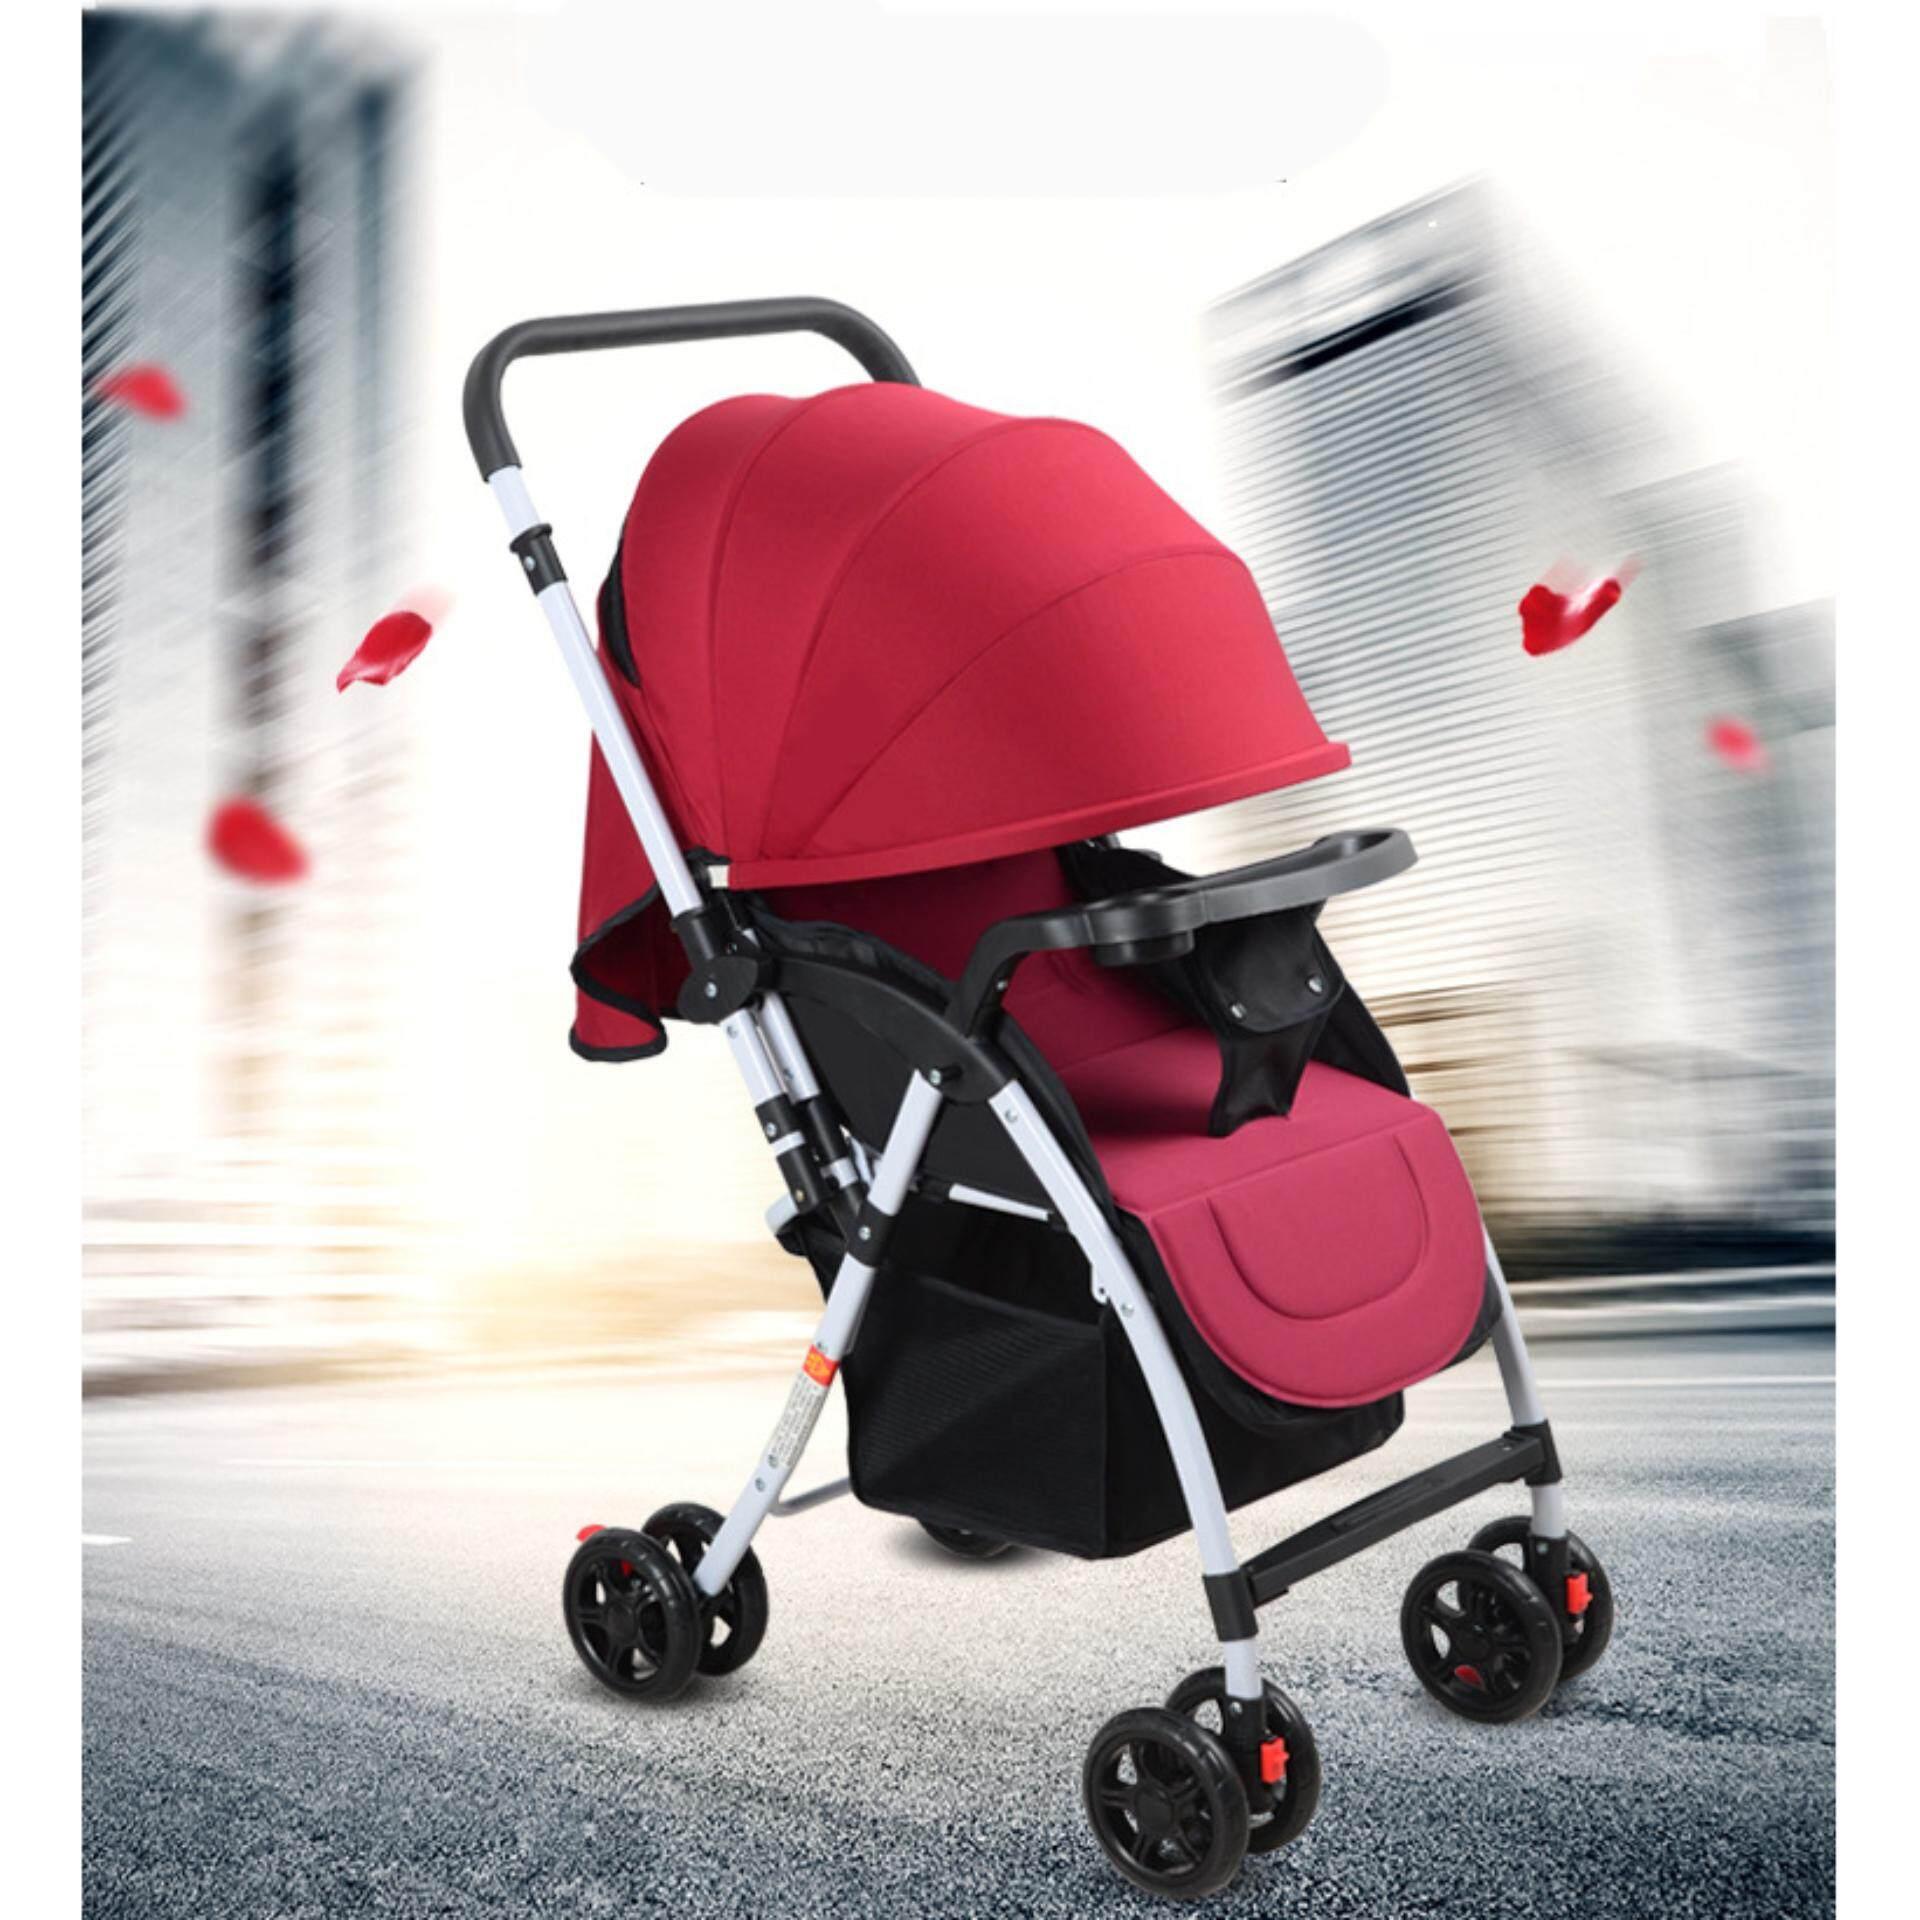 ลดราคา ถูกที่สุด Unbranded/Generic อุปกรณ์เสริมรถเข็นเด็ก ตะขอแขวนของติดรถเข็น ตะขออเนกประสงค์ ตะขอห้อยกระเป๋า 2 ชิ้น มีโปรโมชั่น ลดราคา